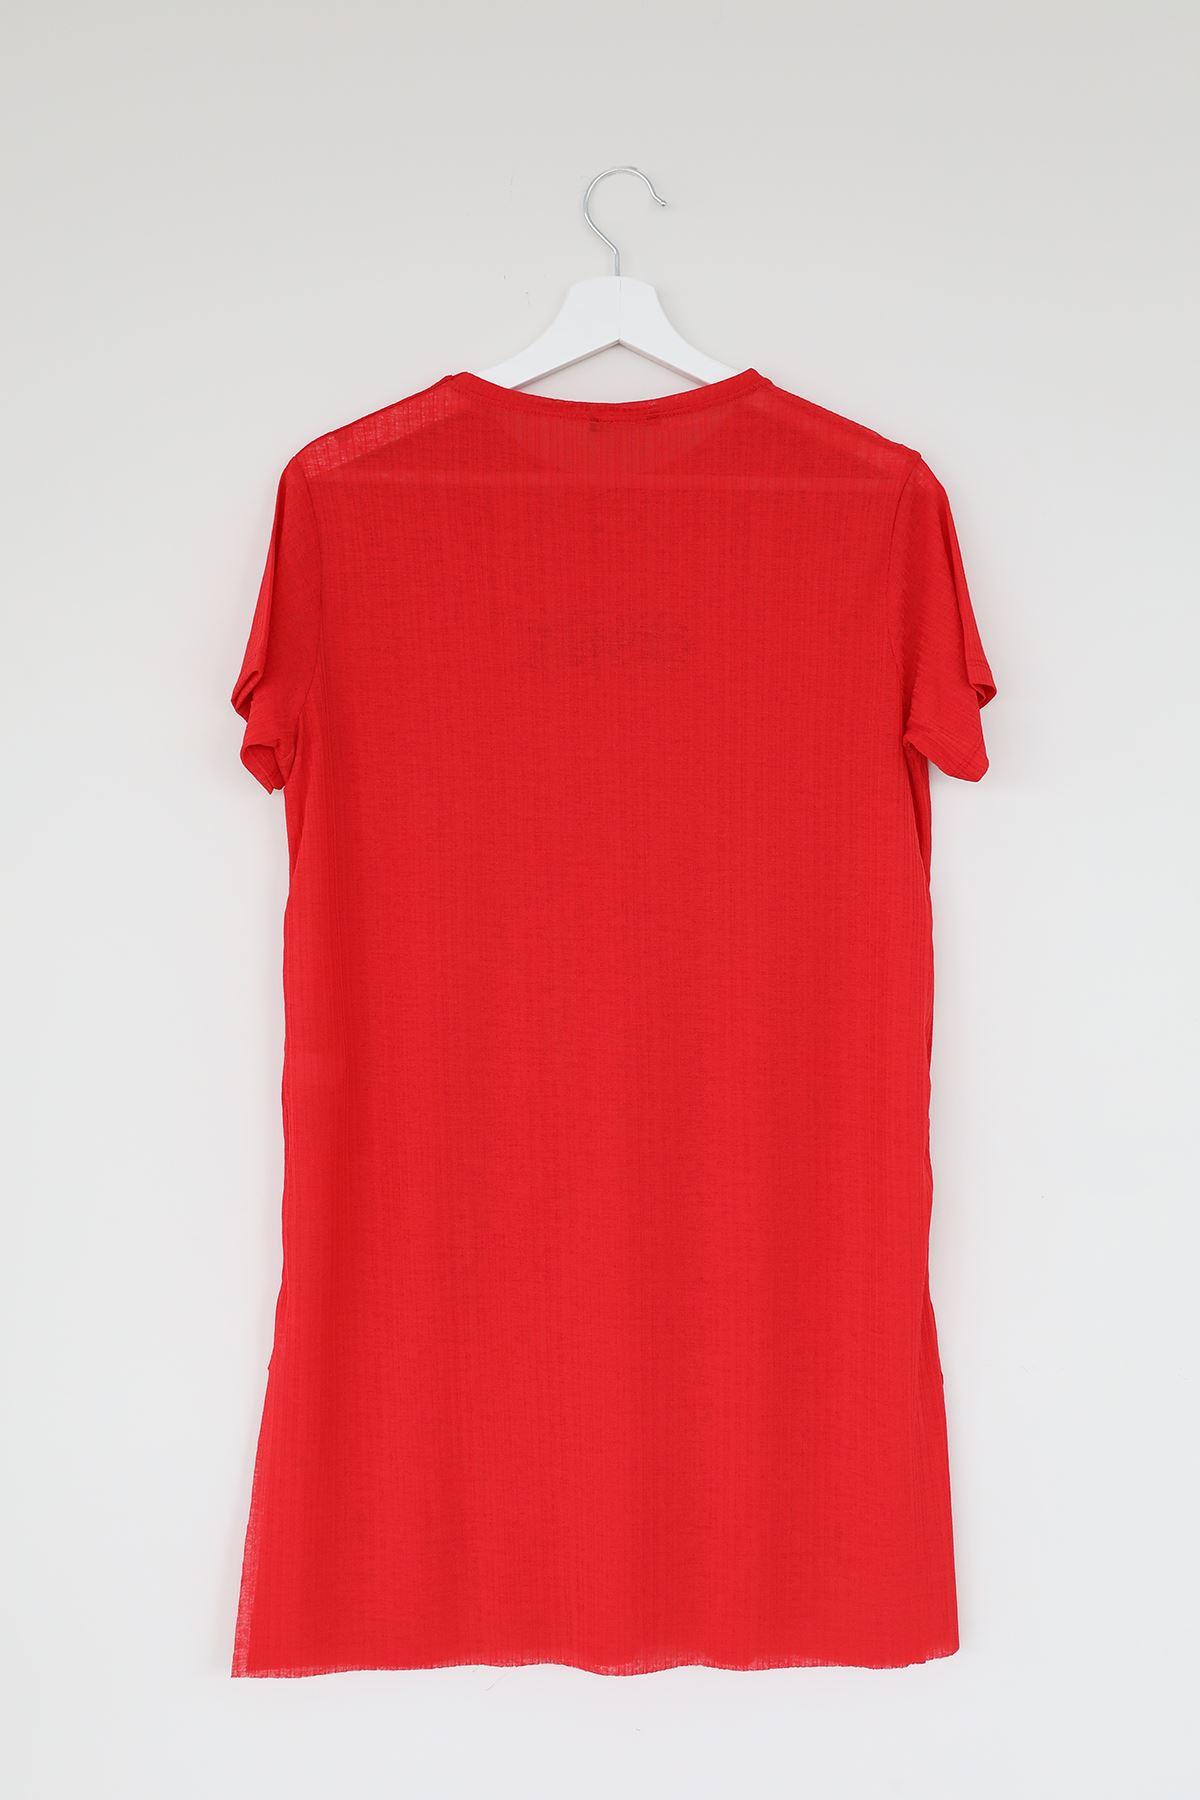 Ases Baskılı T-shirt-Kırmızı